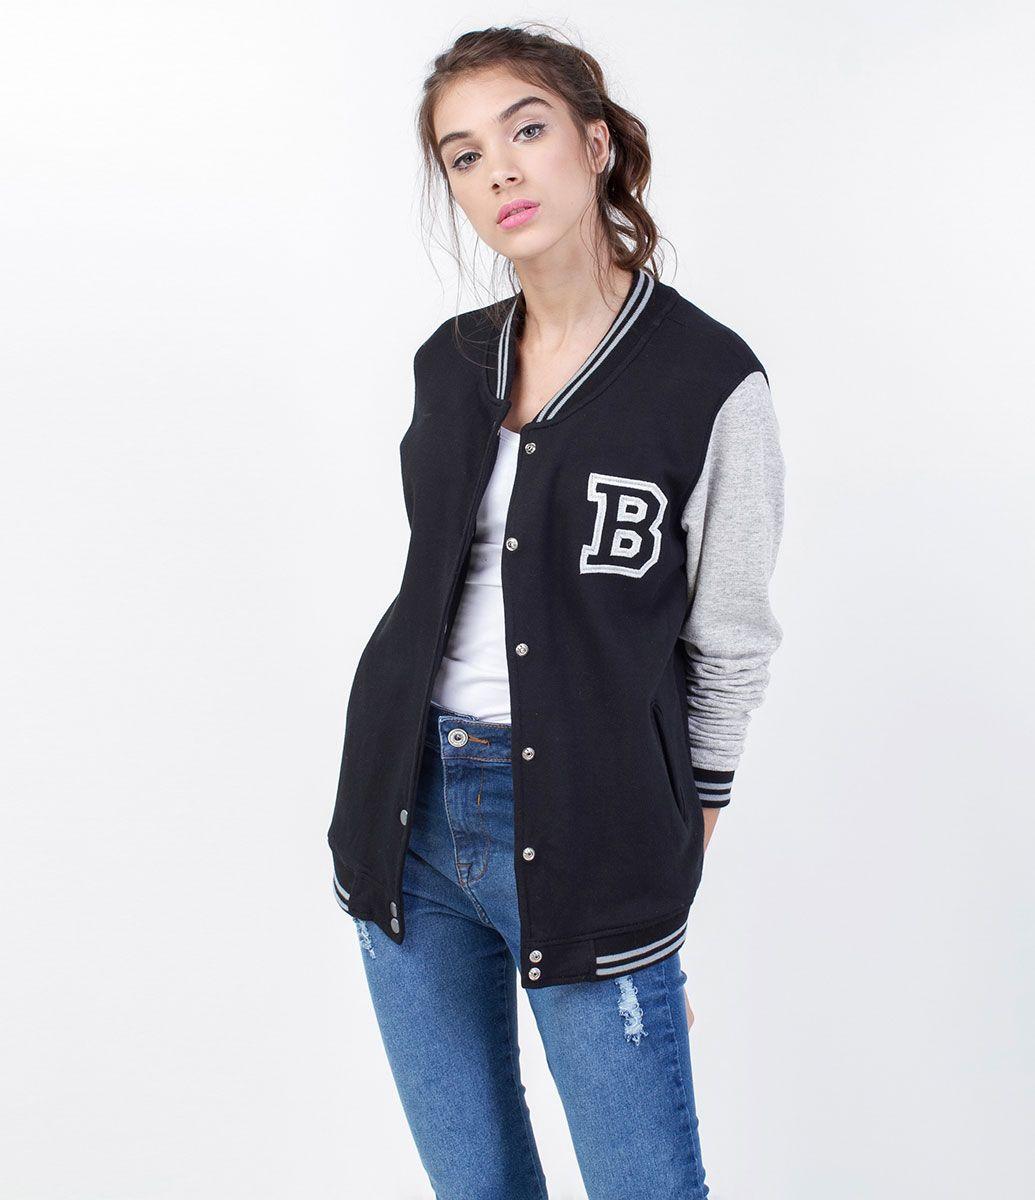 Casaco Varsity Feminino em Moletom - Lojas Renner Cropped Sweater 6d916d4a1f4